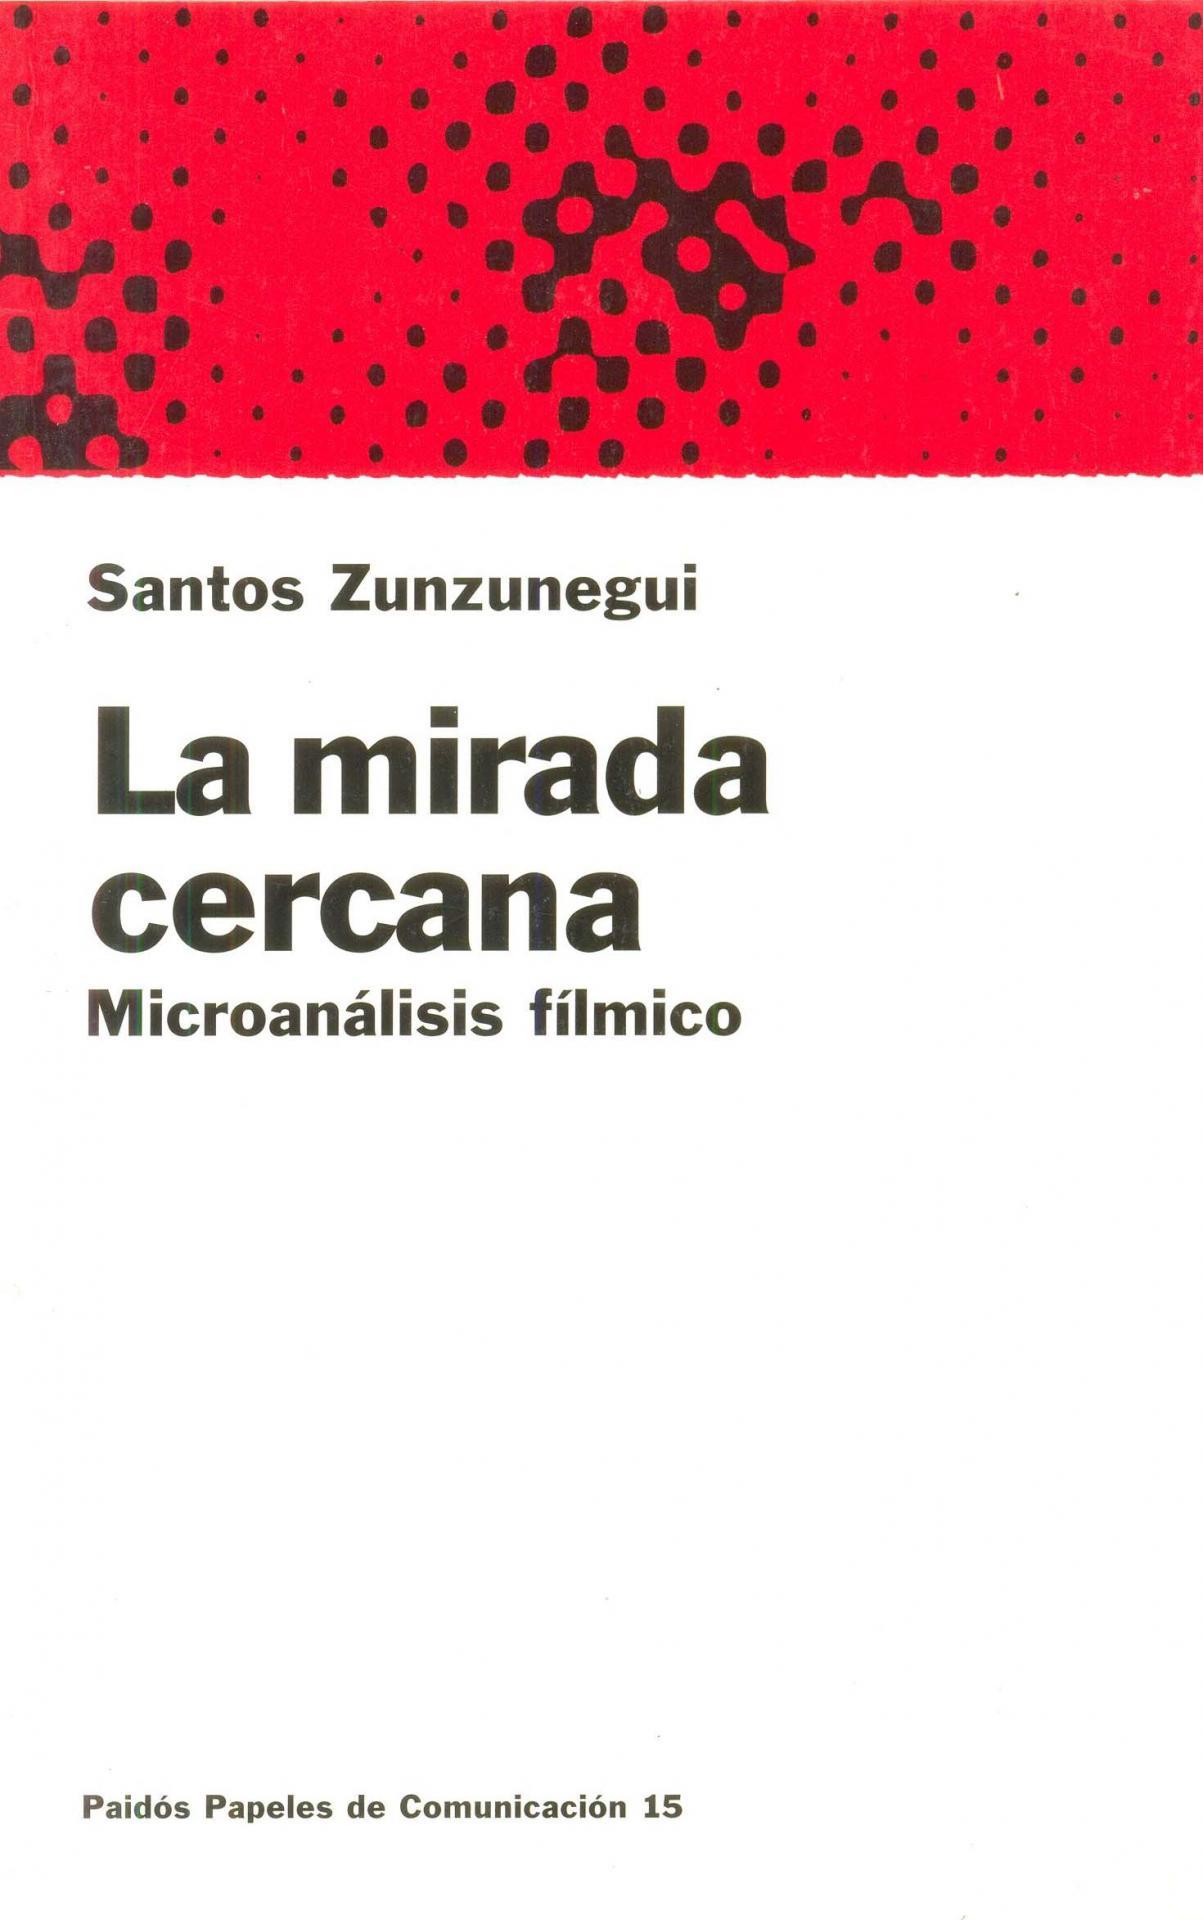 LA MIRADA CERCANA. Microanálisis fílmico. Zunzunegui, S.